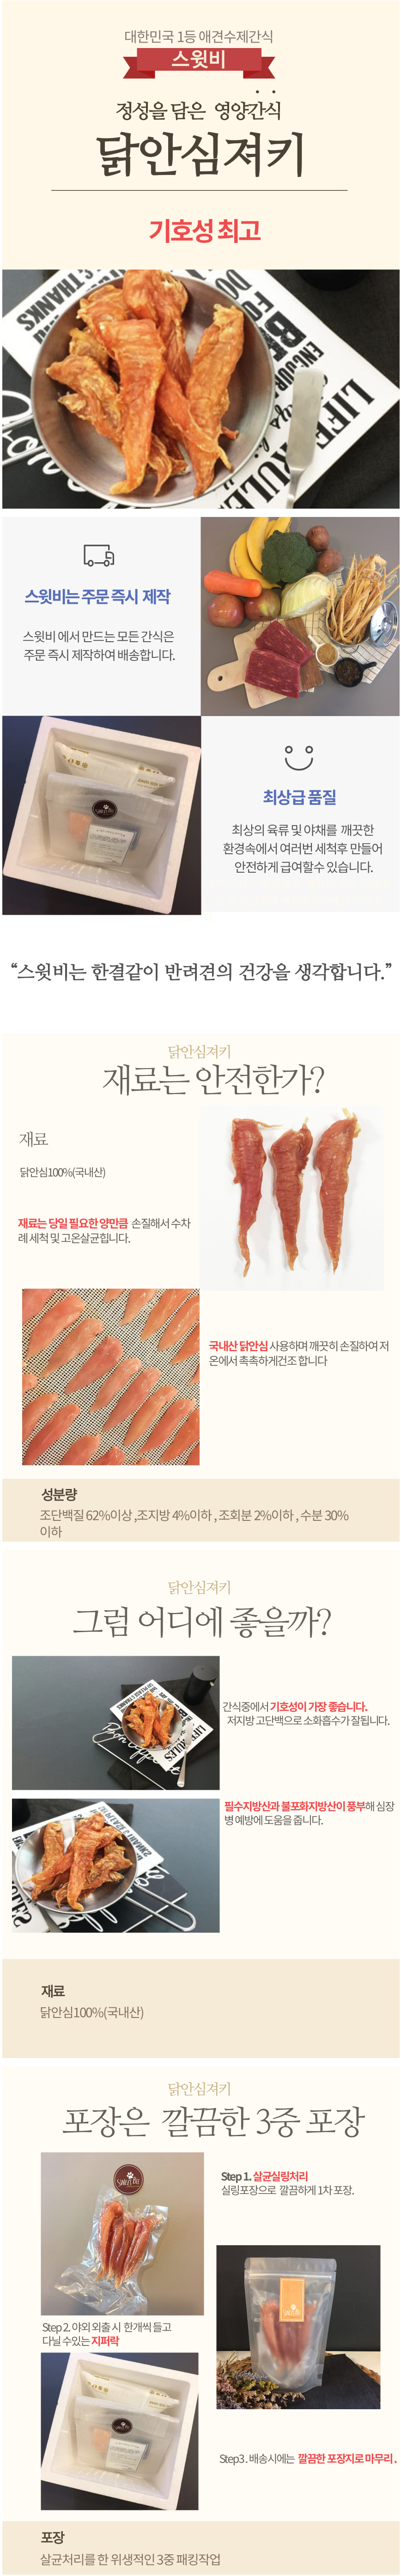 스윗비 강아지 수제간식 닭안심져키 70g - 스윗비, 5,500원, 간식/영양제, 수제간식